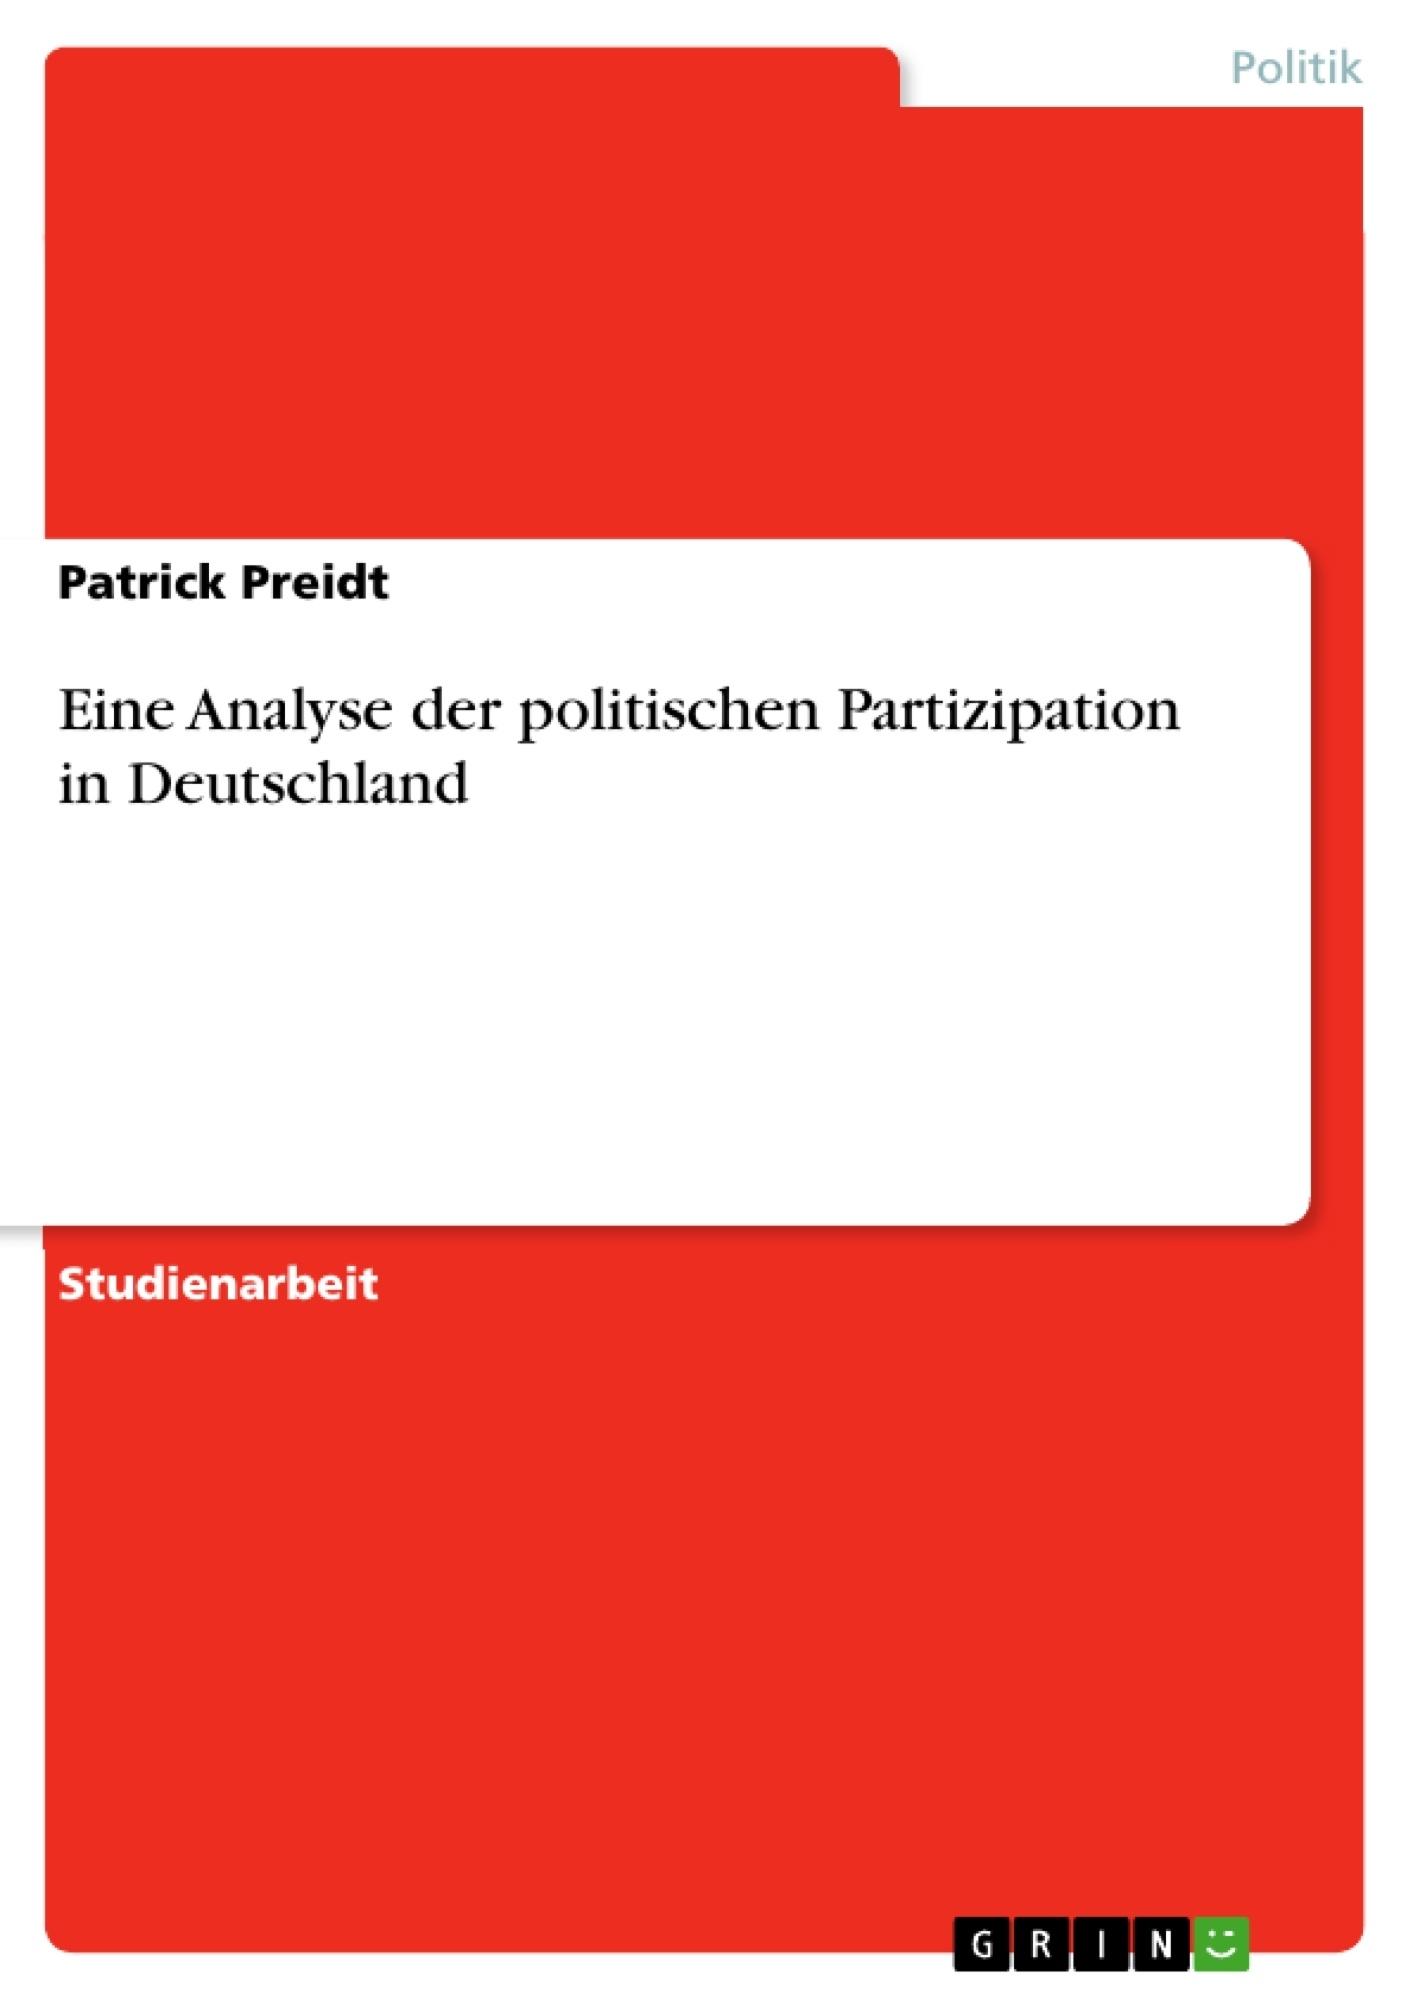 Titel: Eine Analyse der politischen Partizipation in Deutschland